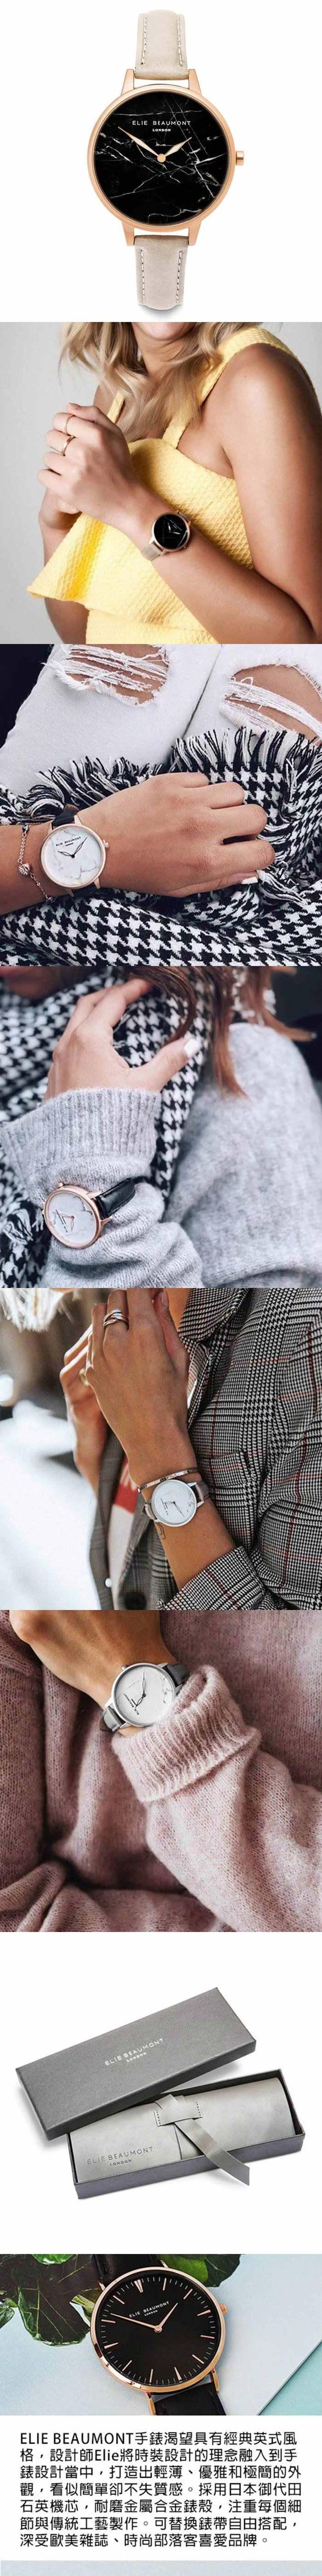 (複製)Elie Beaumont 英國時尚手錶 大理石系列 白錶盤x黑皮革錶帶x玫瑰金錶框38mm